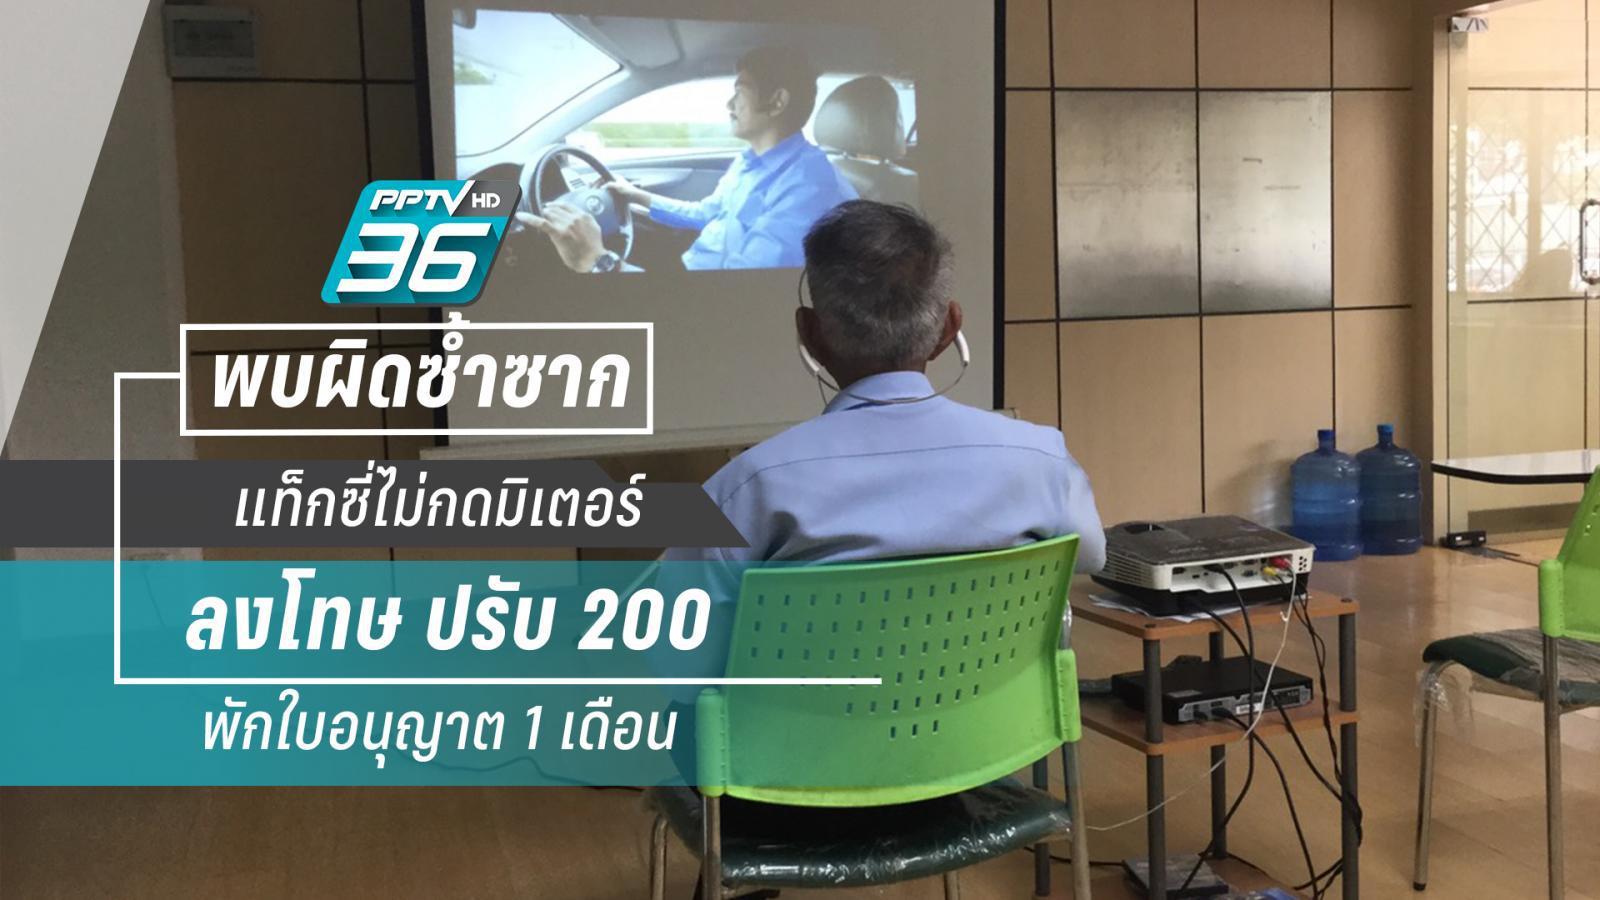 ปรับ 200 พักใบอนุญาต 1 เดือน ความผิดแท็กซี่ไม่กดมิเตอร์ซ้ำซาก